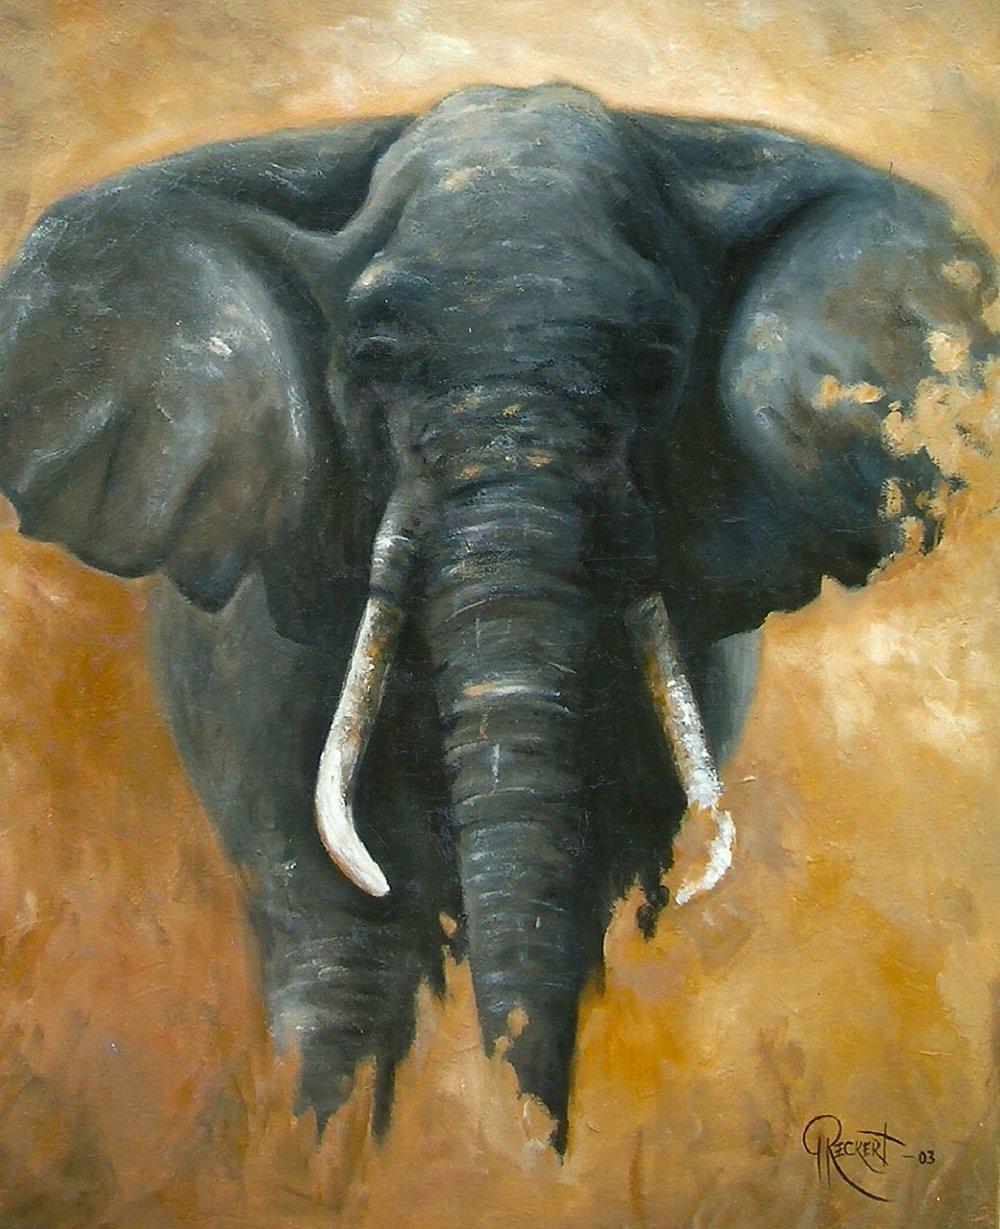 Elephant_2_oil_painting_genevieve_wendelin.jpg